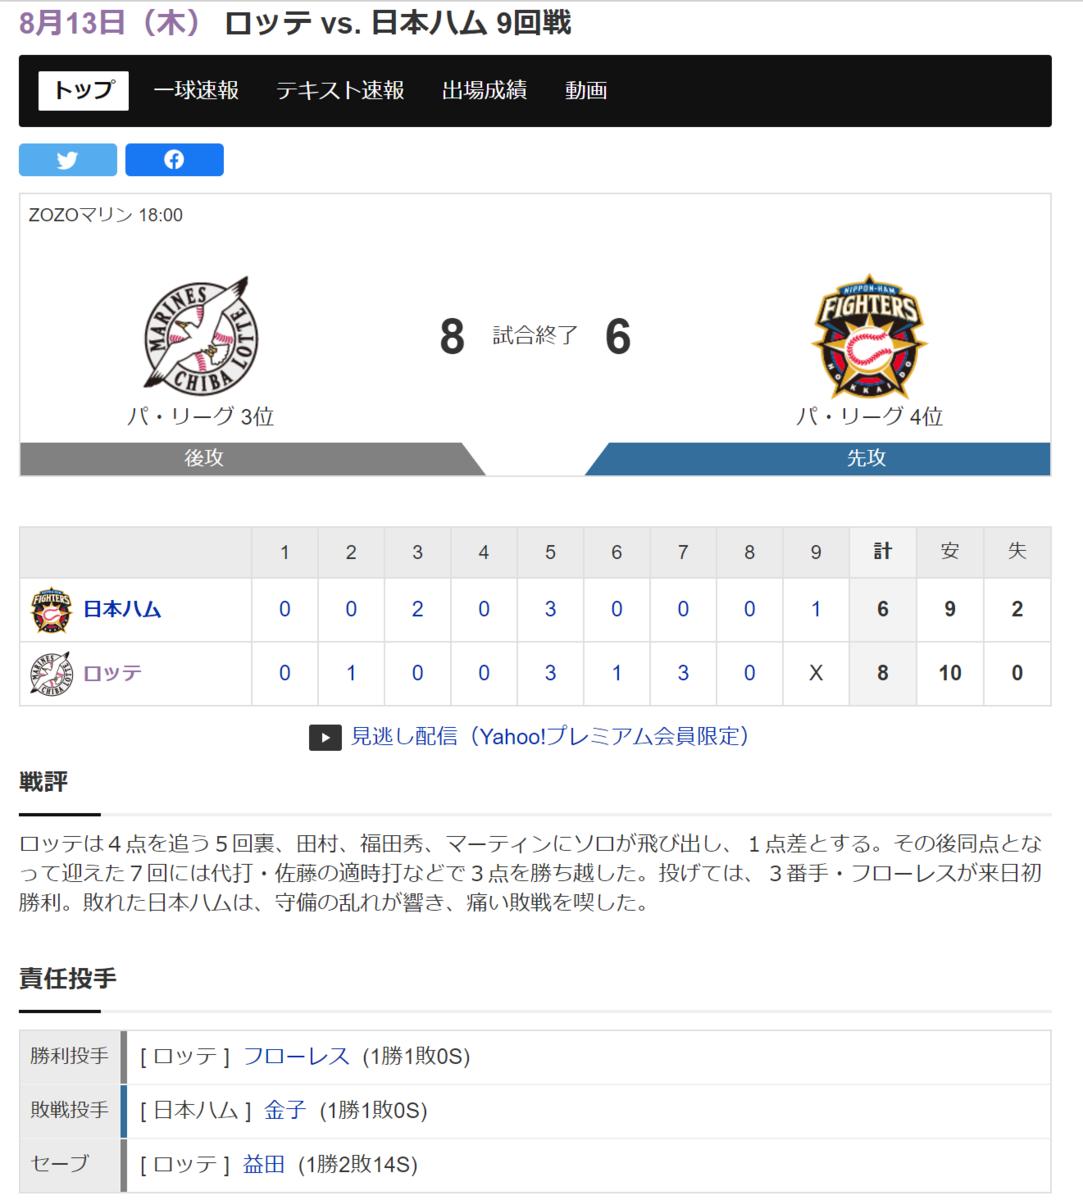 f:id:AriharaOkoku:20200816122003p:plain